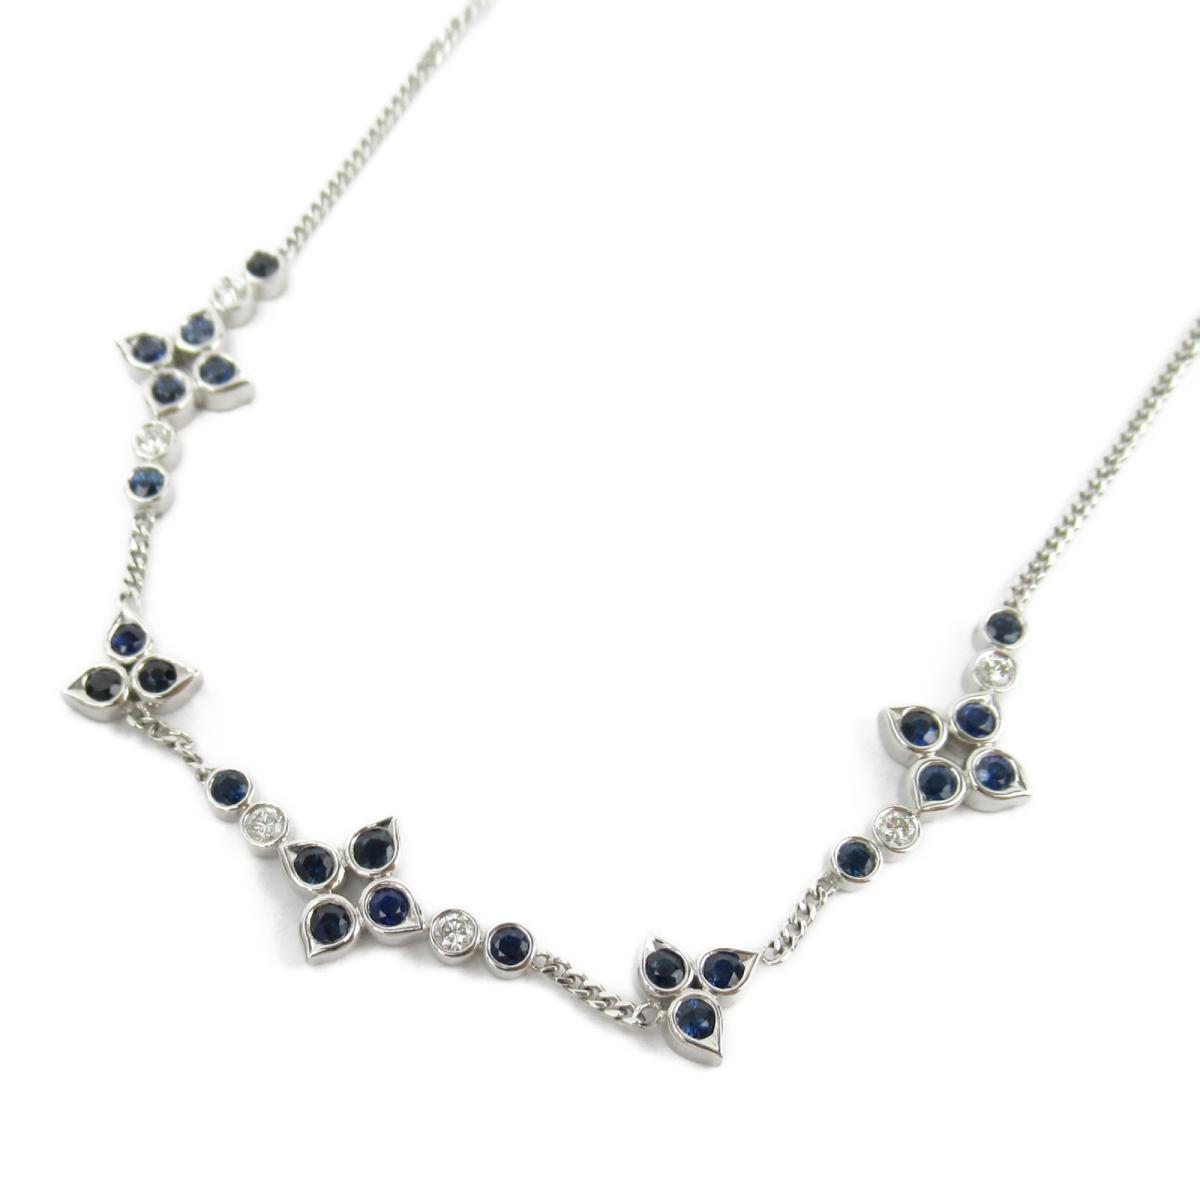 ジュエリー サファイア ダイヤモンド ネックレス ノーブランドジュエリー レディース K18WG (750) ホワイトゴールド x サファイア2.95/ダイヤモンド0.29ct 【中古】 | ブランド